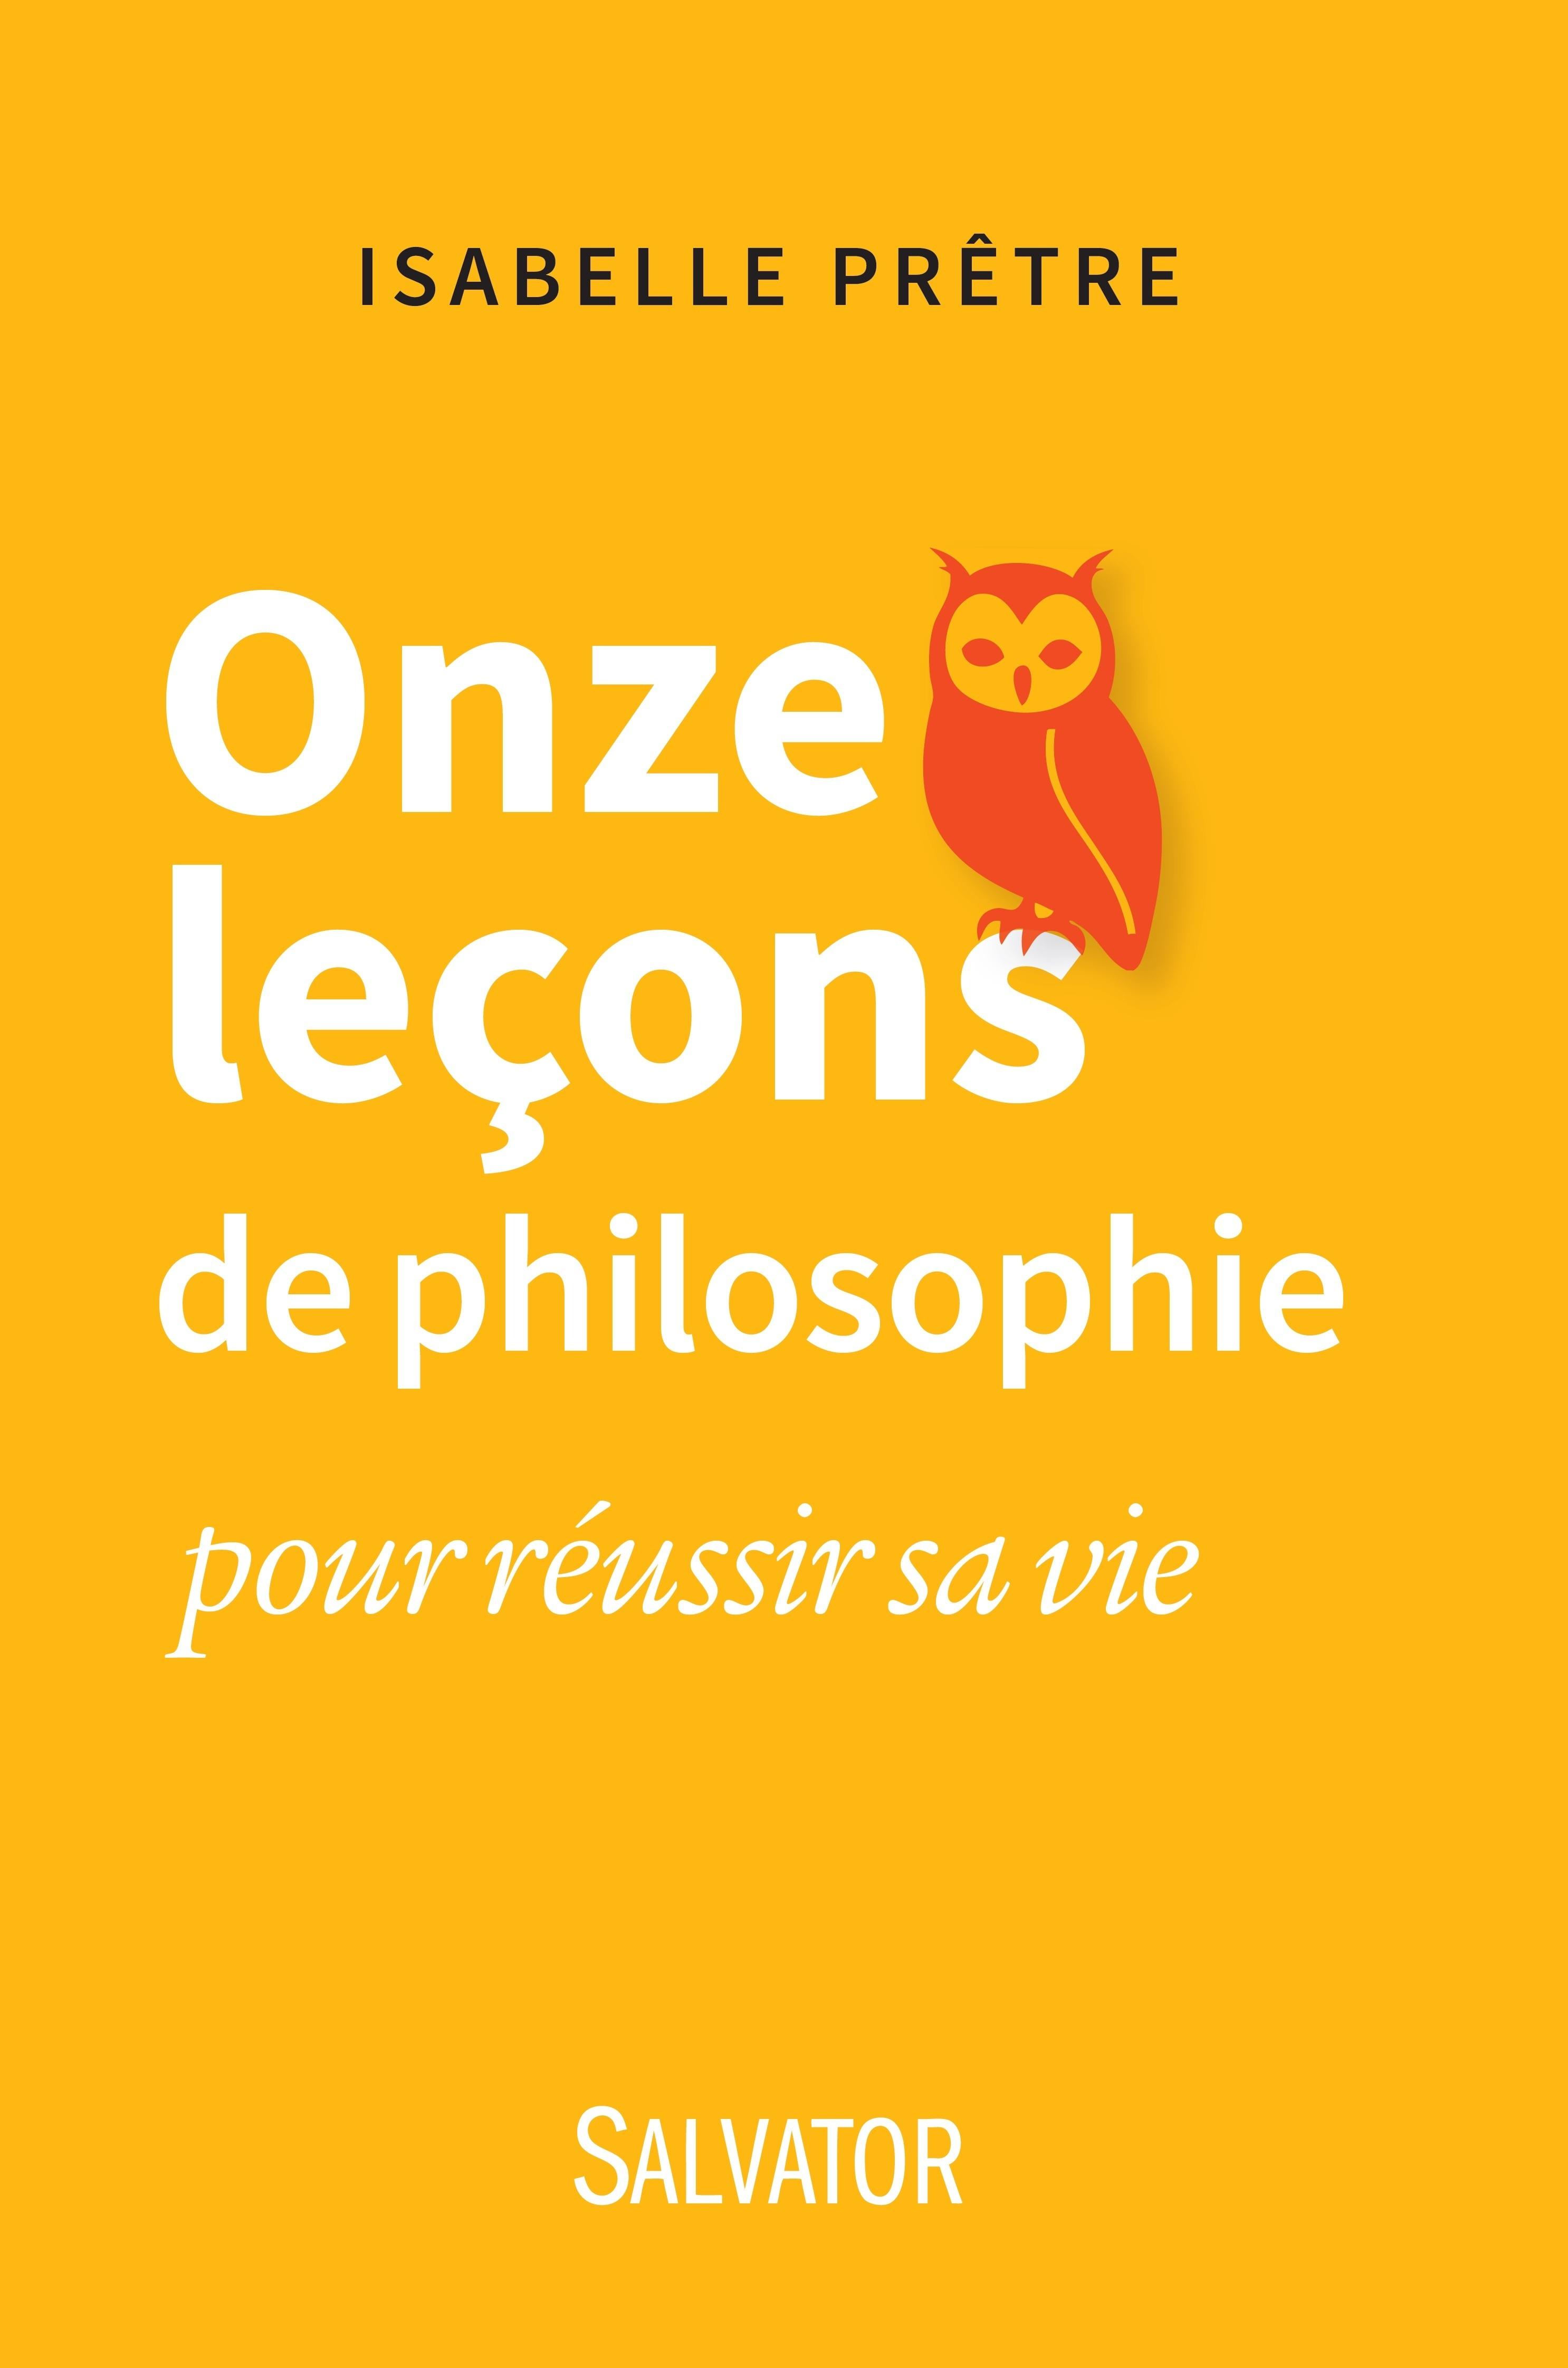 ONZE LECONS DE PHILOSOPHIE POUR REUSSIR SA VIE